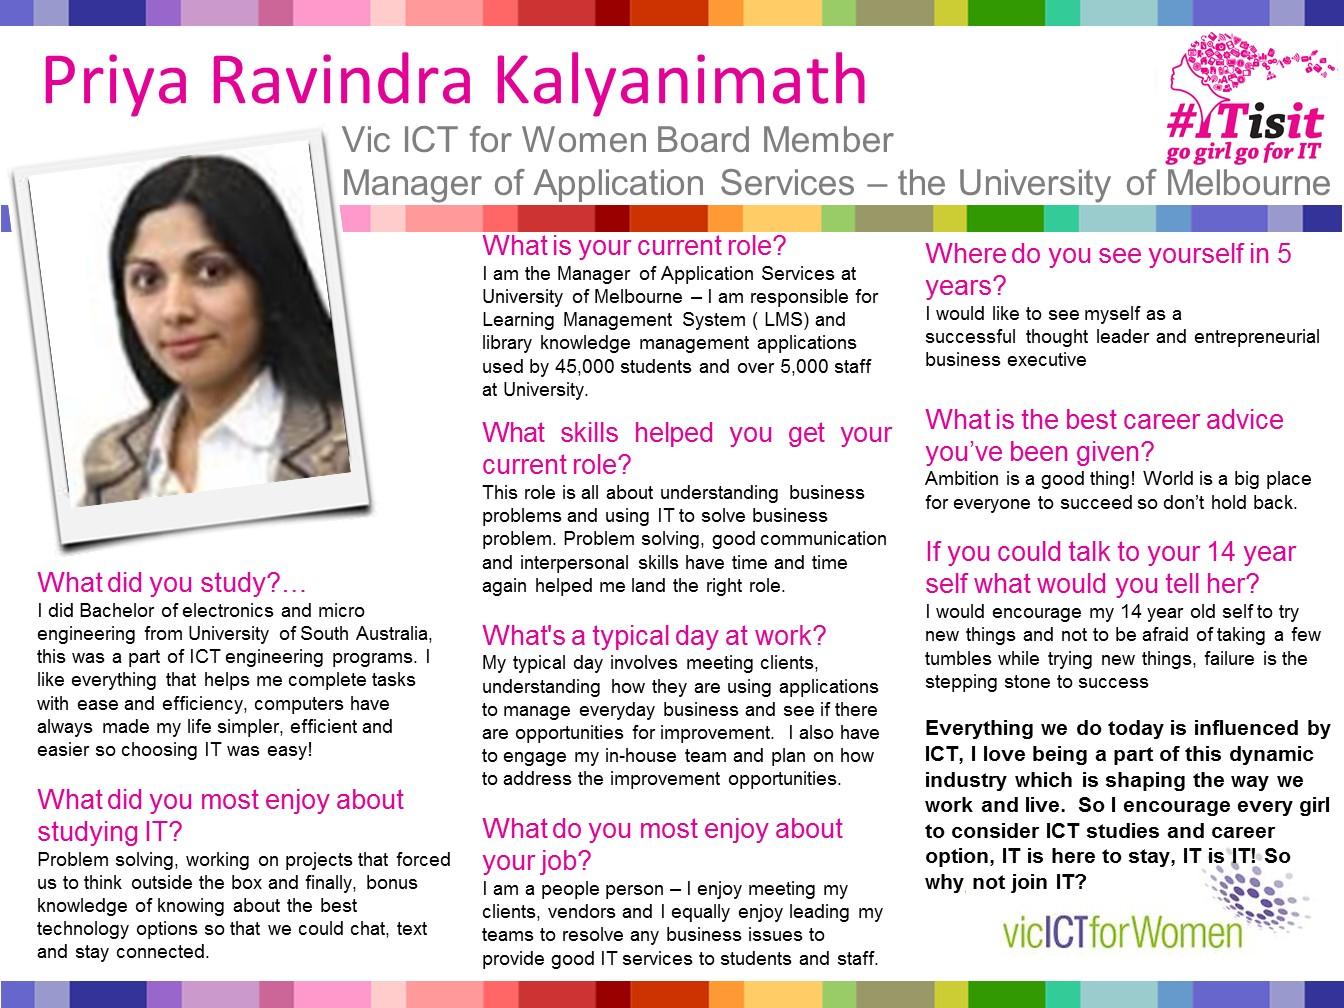 Priya Ravindra Kalynimath Interview slides